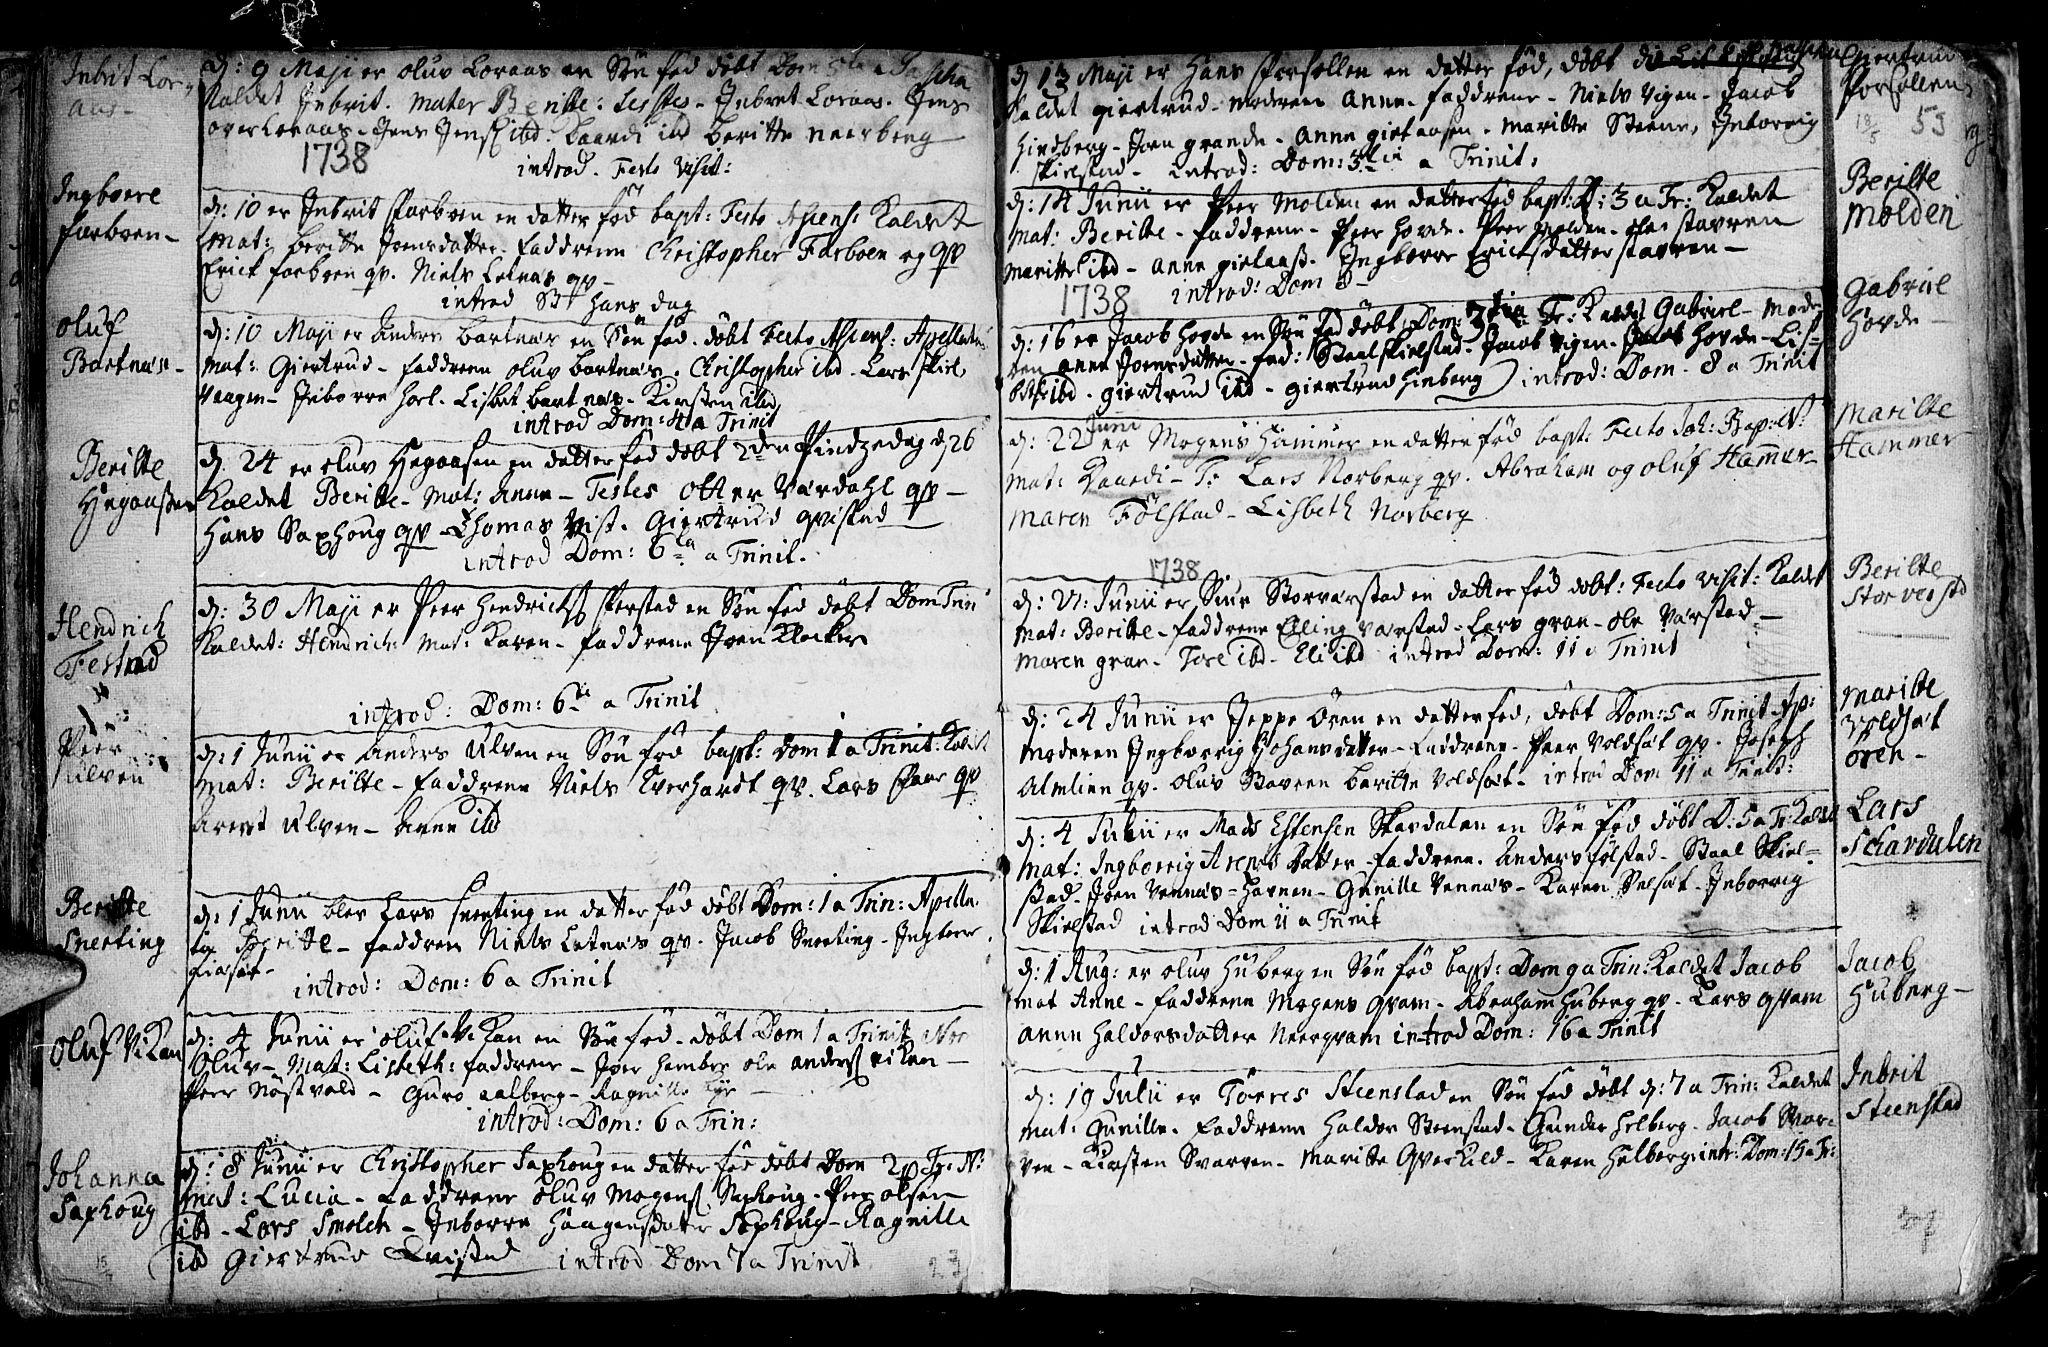 SAT, Ministerialprotokoller, klokkerbøker og fødselsregistre - Nord-Trøndelag, 730/L0272: Ministerialbok nr. 730A01, 1733-1764, s. 53